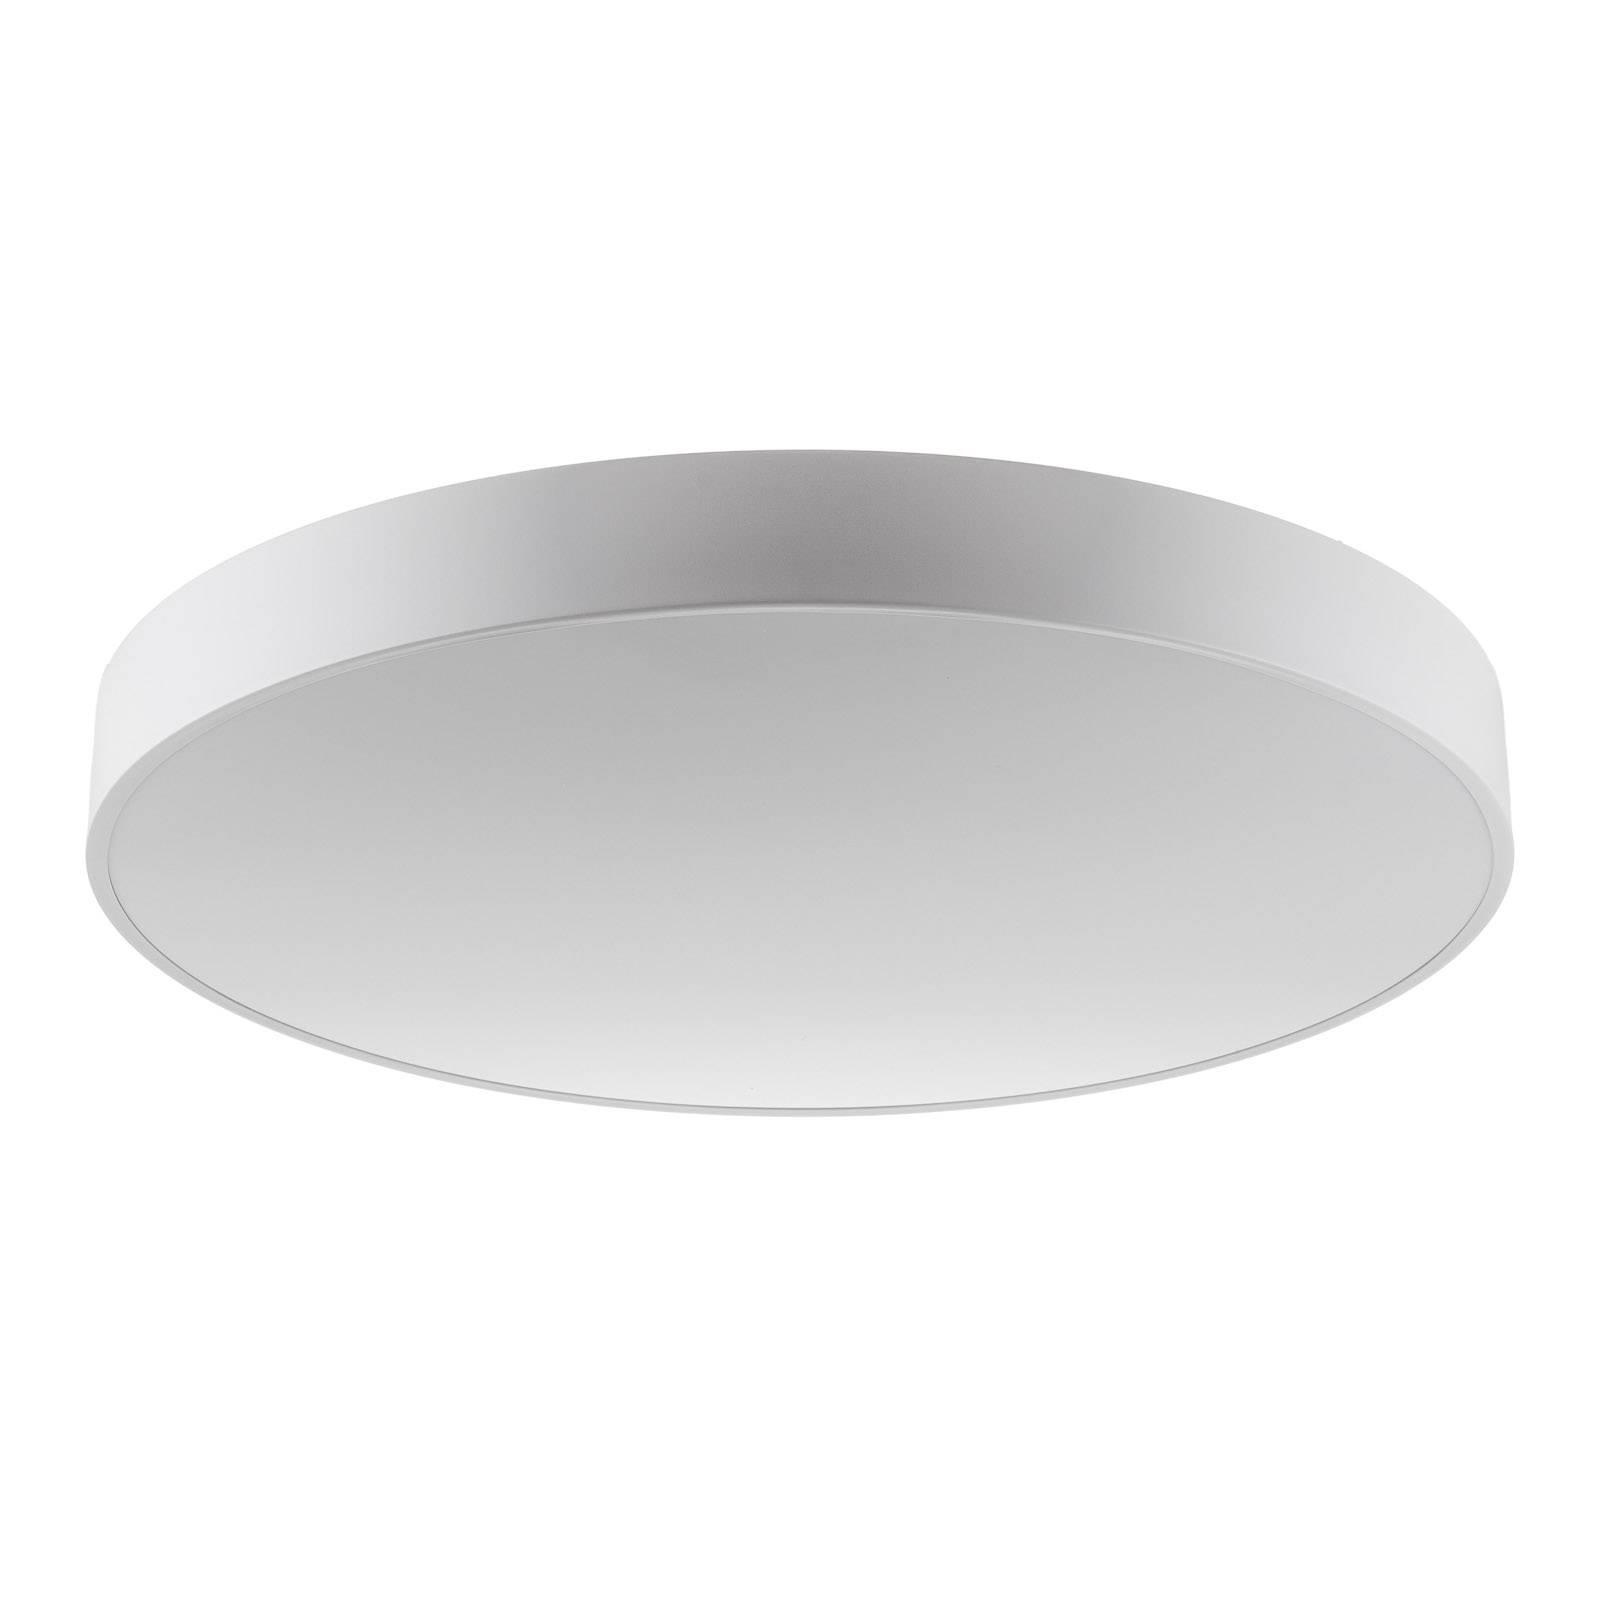 deckenlampen und andere lampen von acb iluminati n sl. Black Bedroom Furniture Sets. Home Design Ideas